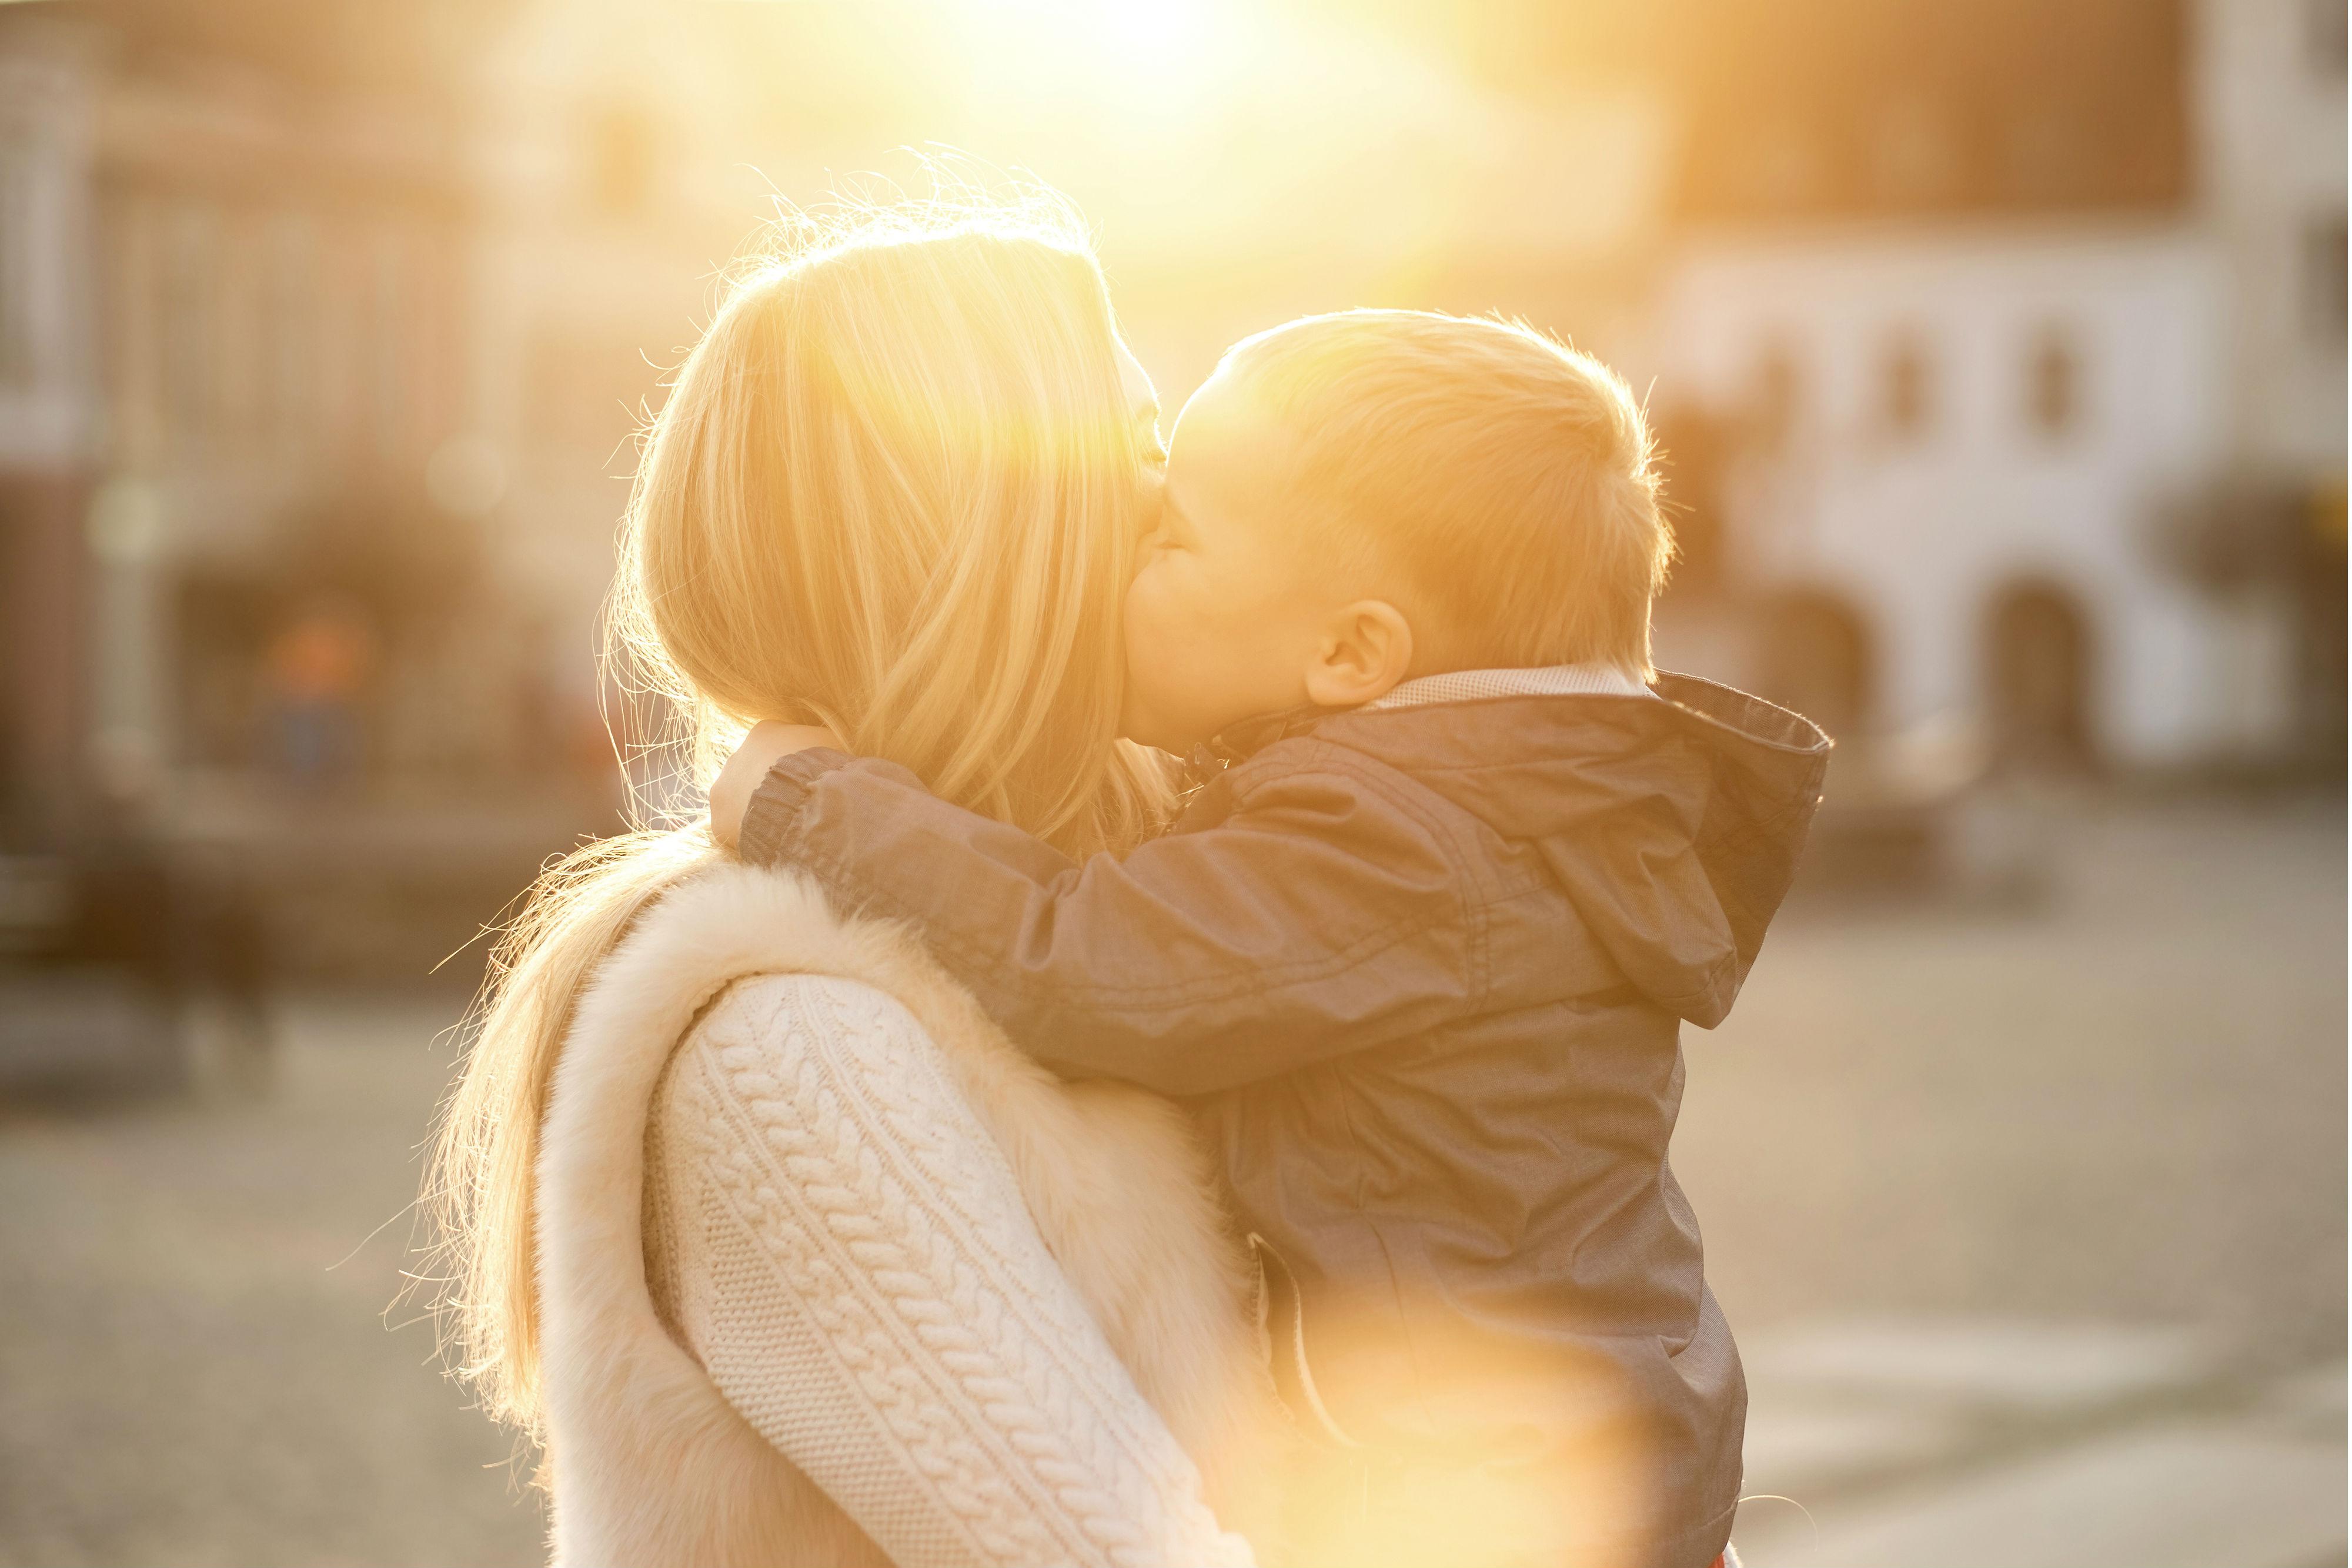 Фото мамы и дочки без лица, Мамы и дочки (19 фото) 1 фотография